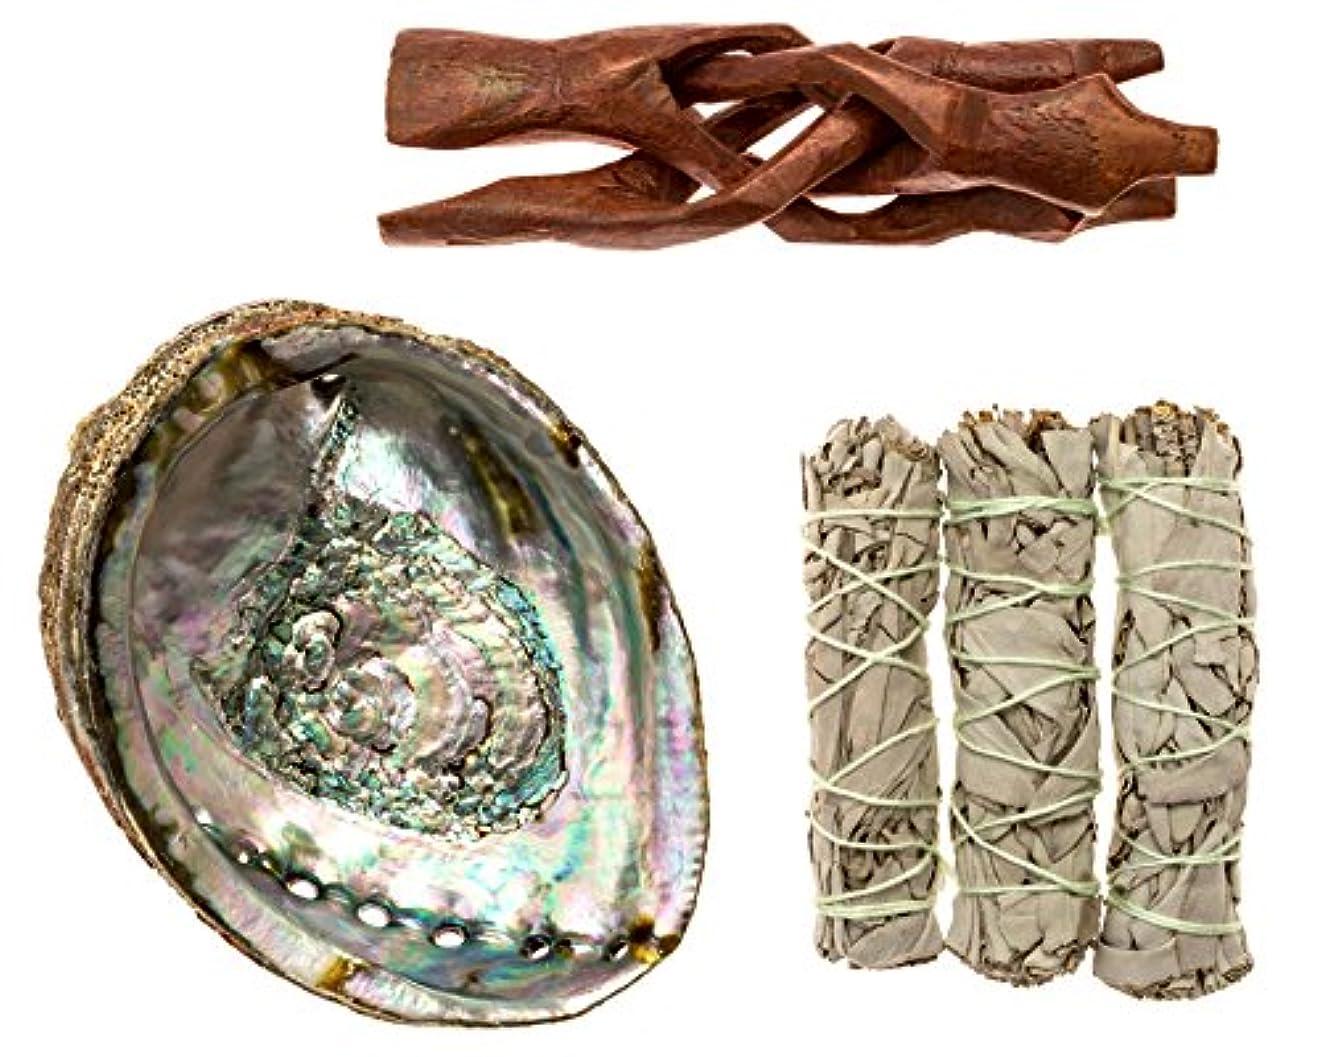 便宜地中海想定するPremium Abalone Shell with木製三脚スタンドと3カリフォルニアホワイトセージスマッジSticks for Incense燃焼、Home Fragrance、エネルギーClearing、ヨガ、瞑想。...